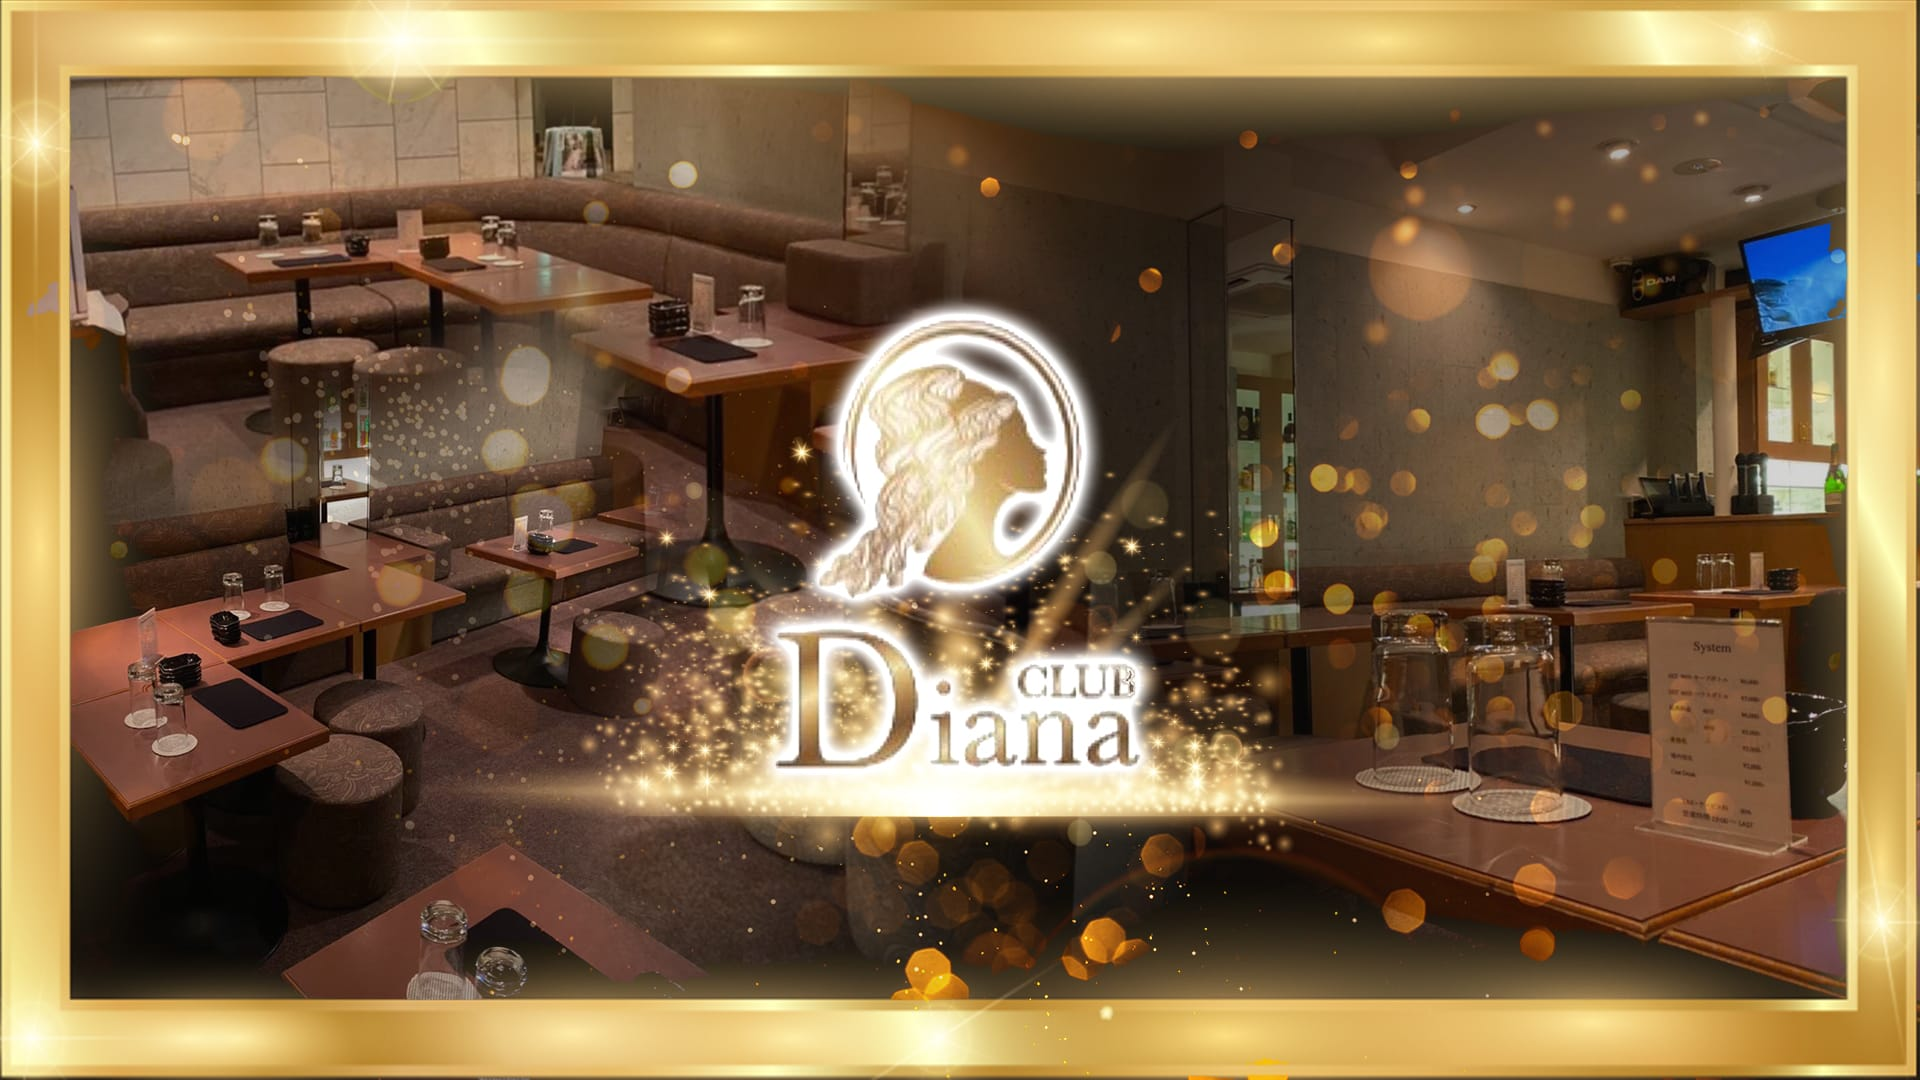 Diana(ディアナ) 上野スナック TOP画像